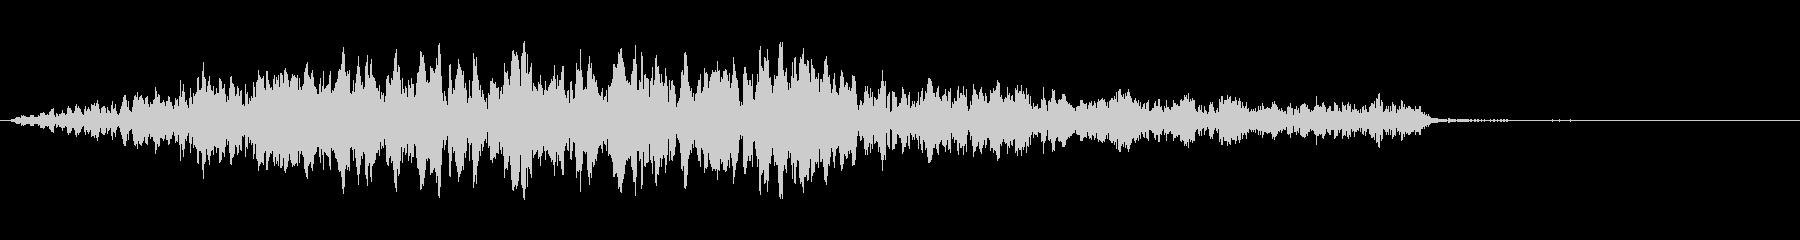 シューッという音EC07_88_4の未再生の波形